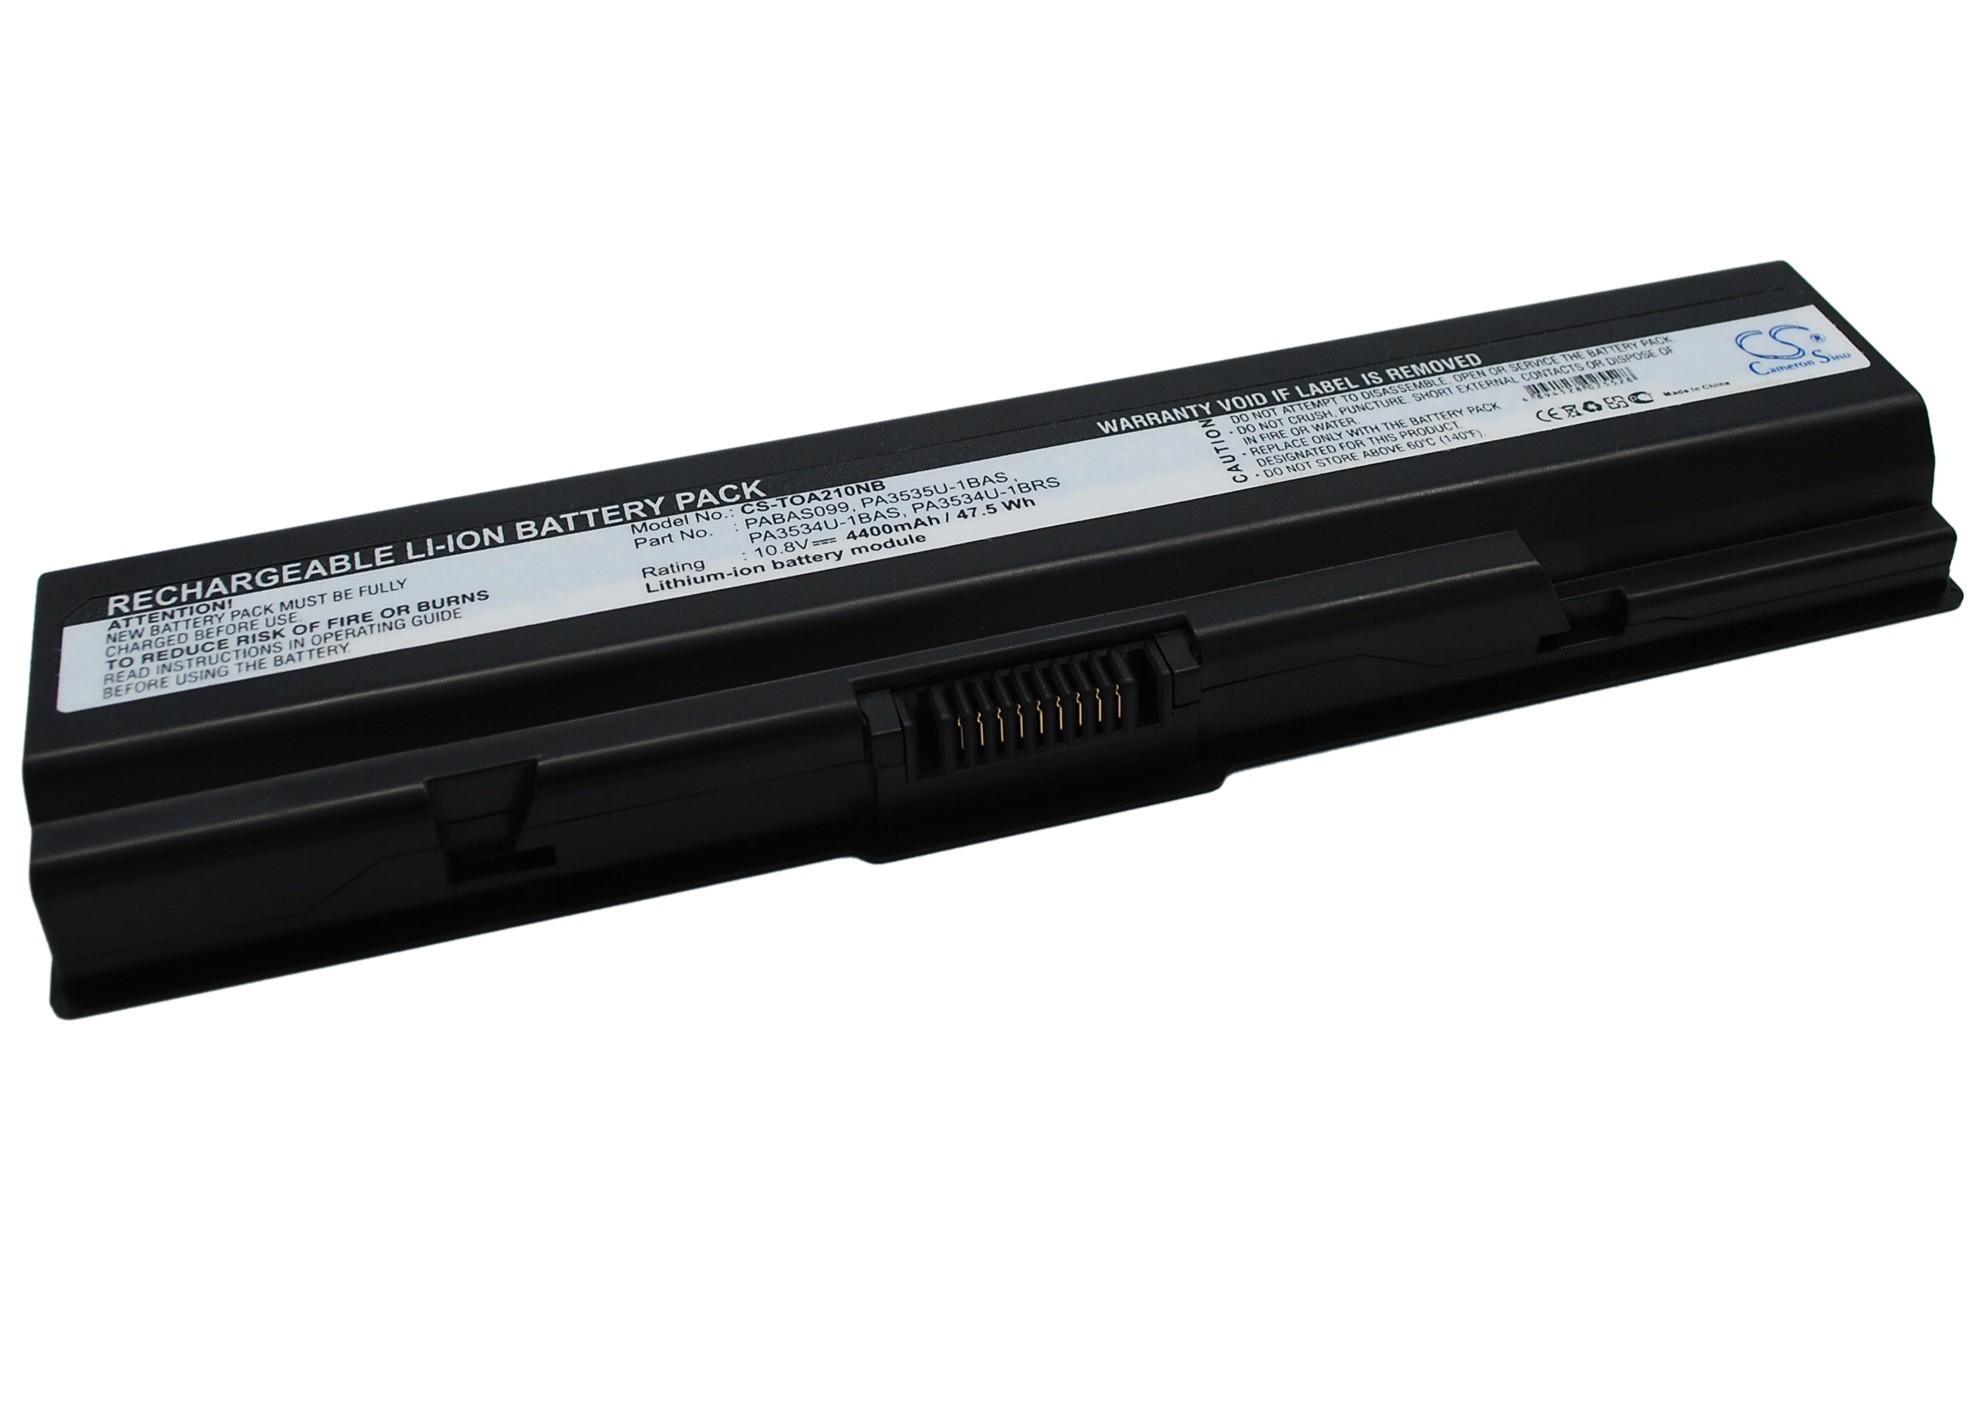 Cameron Sino baterie do notebooků pro TOSHIBA Satellite L505-ES5034 10.8V Li-ion 4400mAh černá - neoriginální